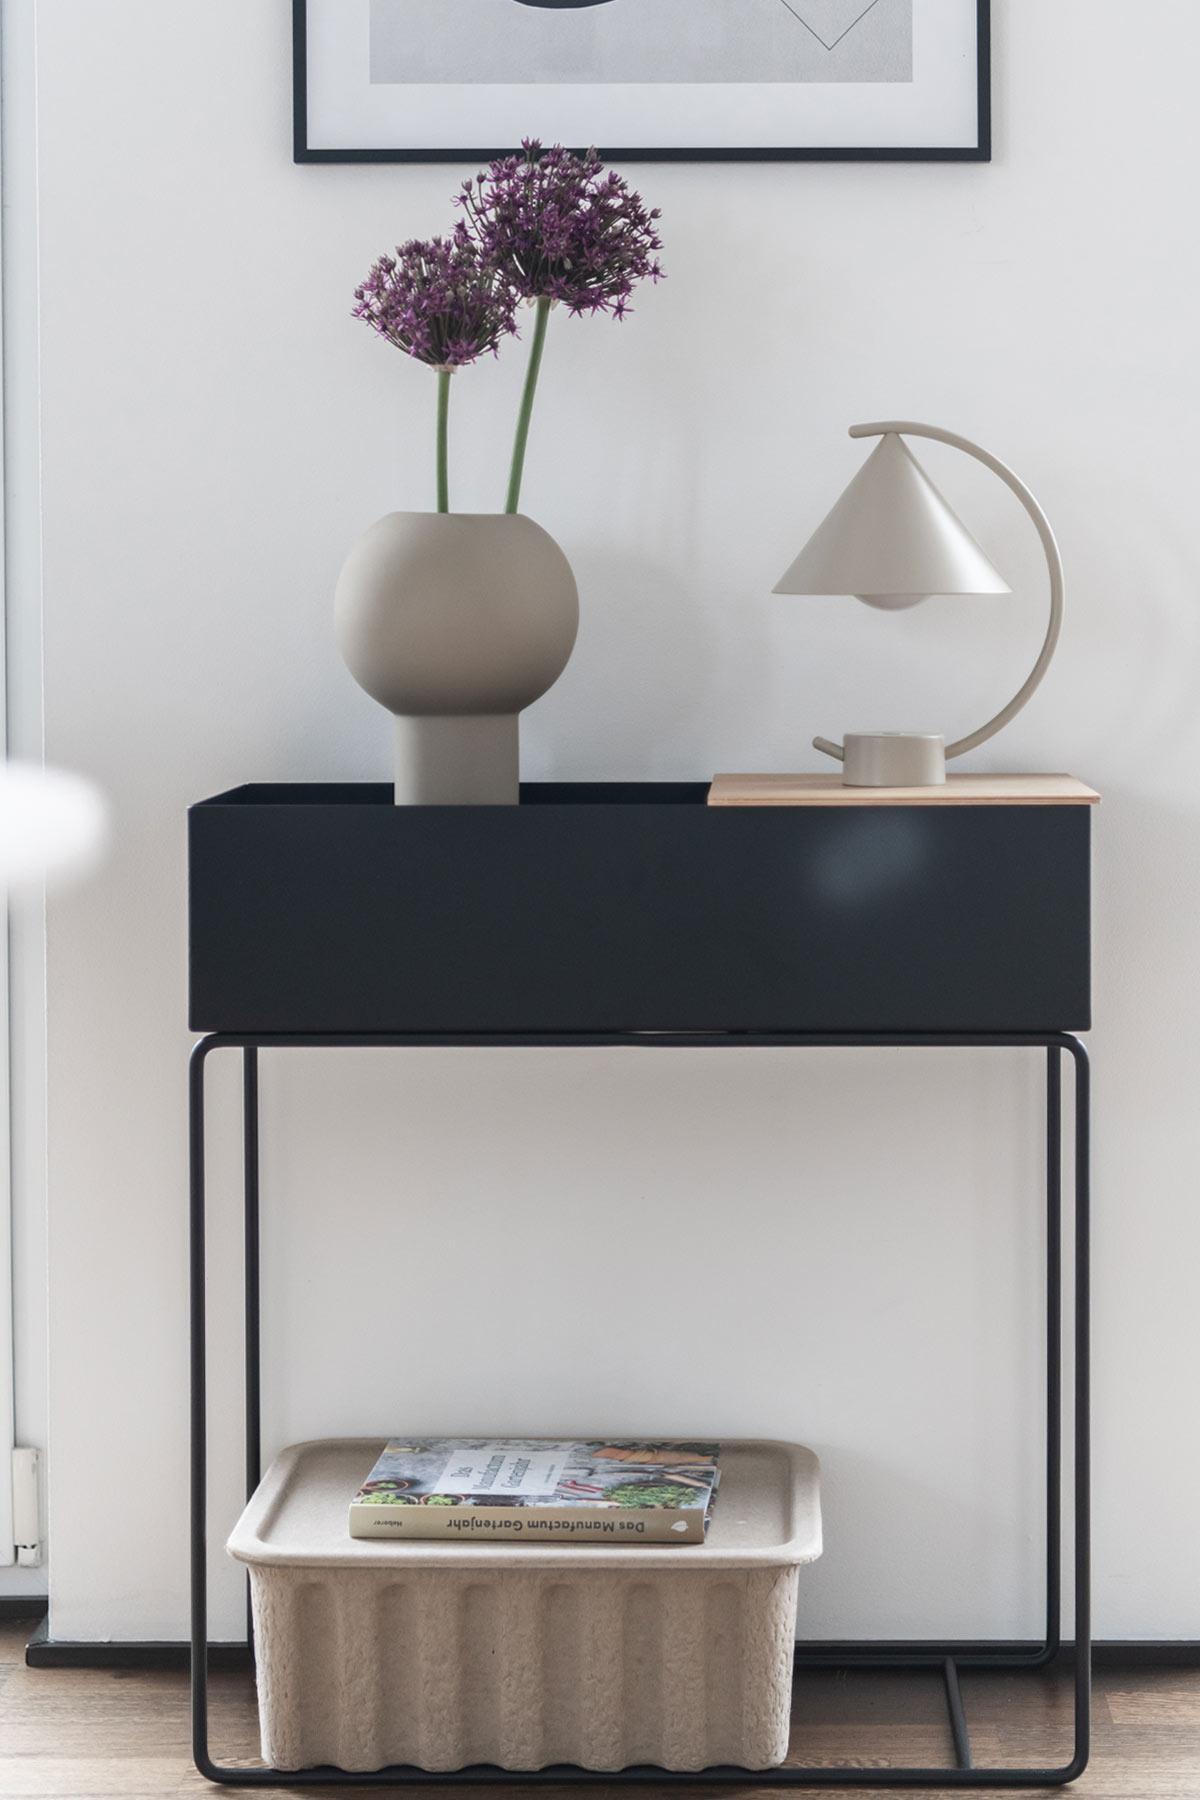 schwarze Plantbox mit Vase und Leuchte